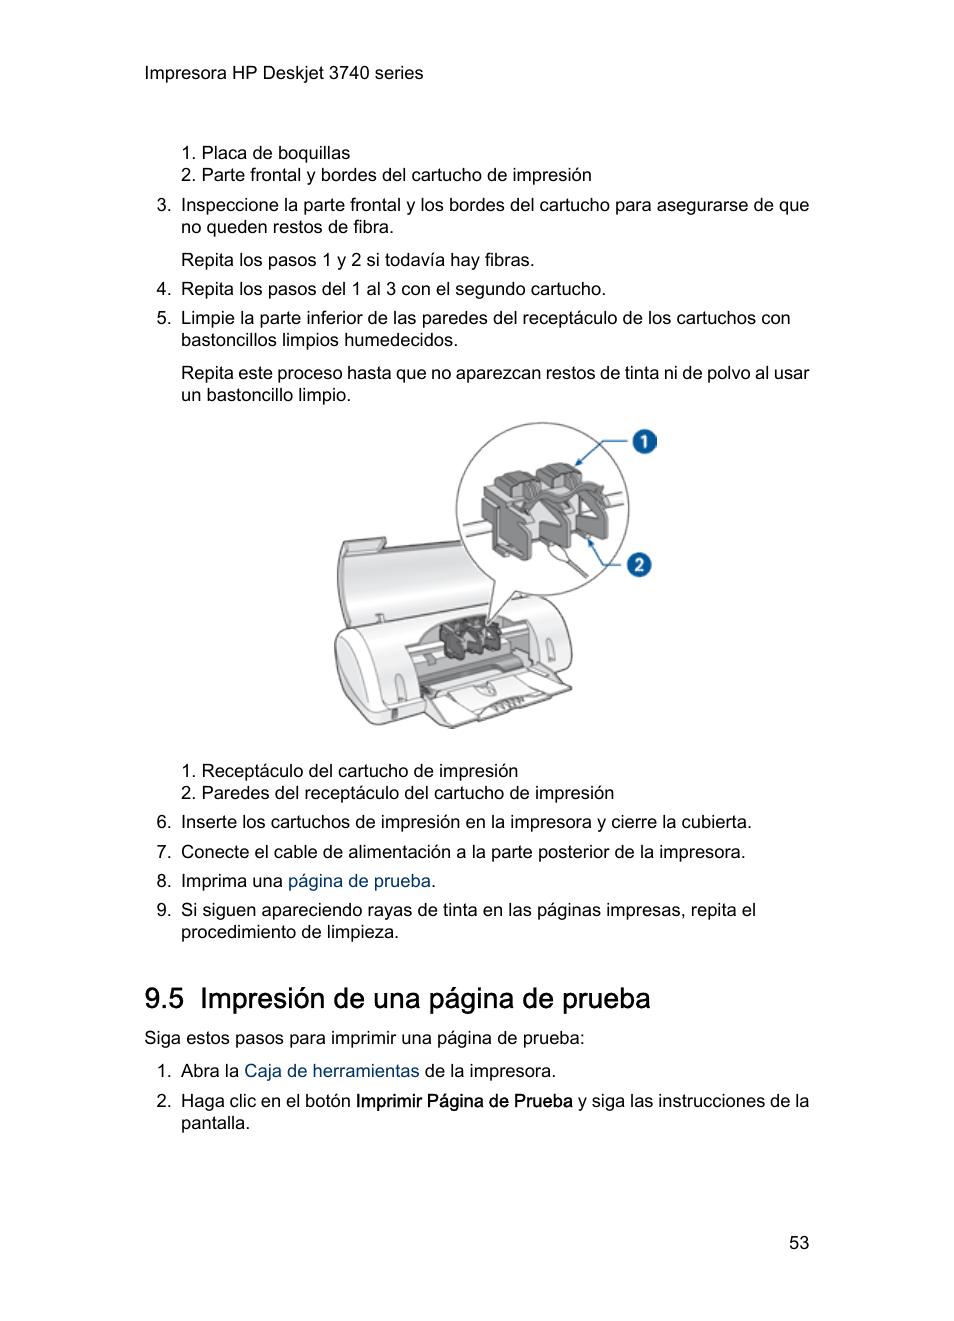 Increíble Página De Prueba De La Impresora 6 Colores Ornamento ...